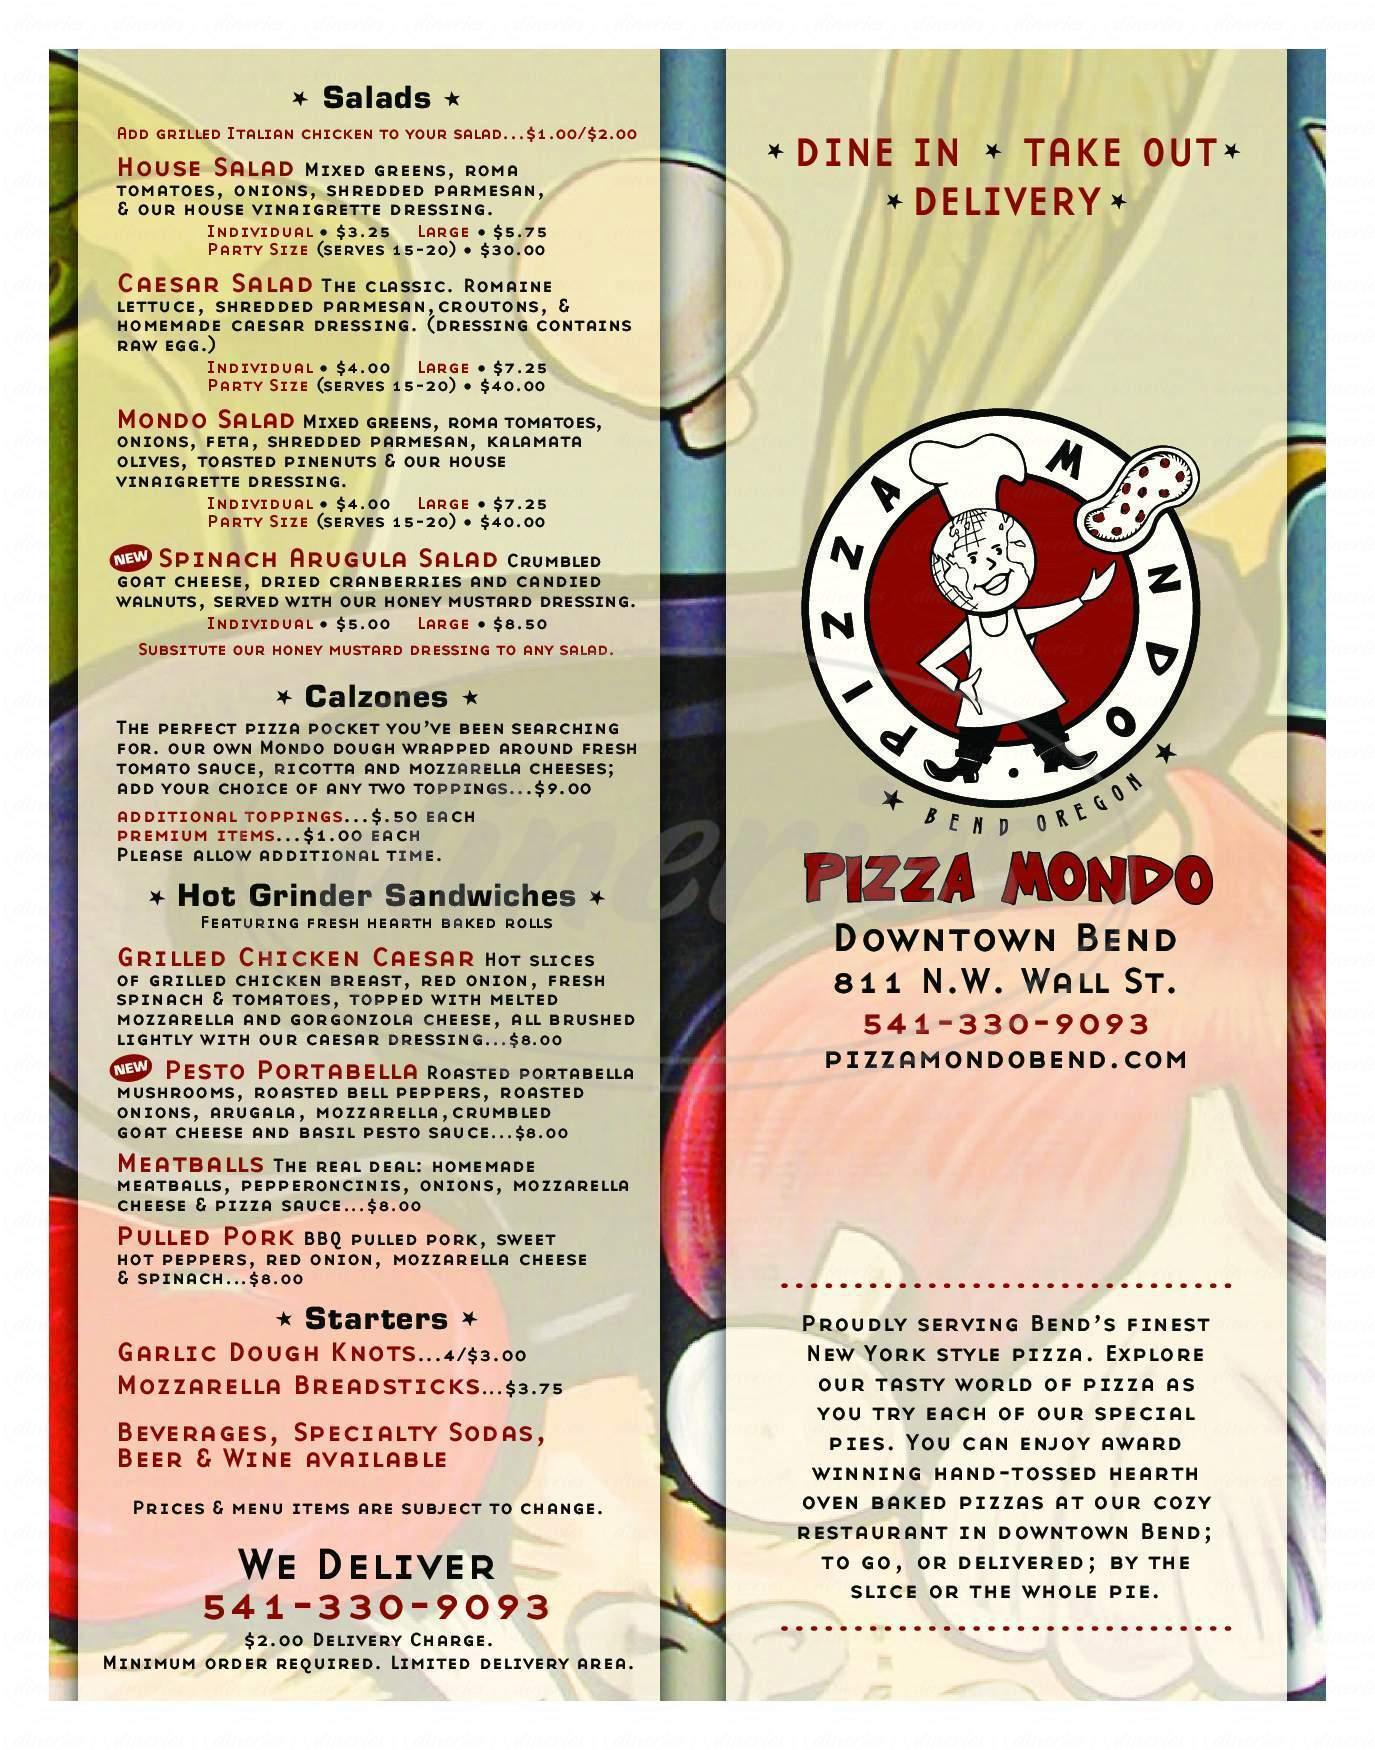 menu for Pizza Mondo